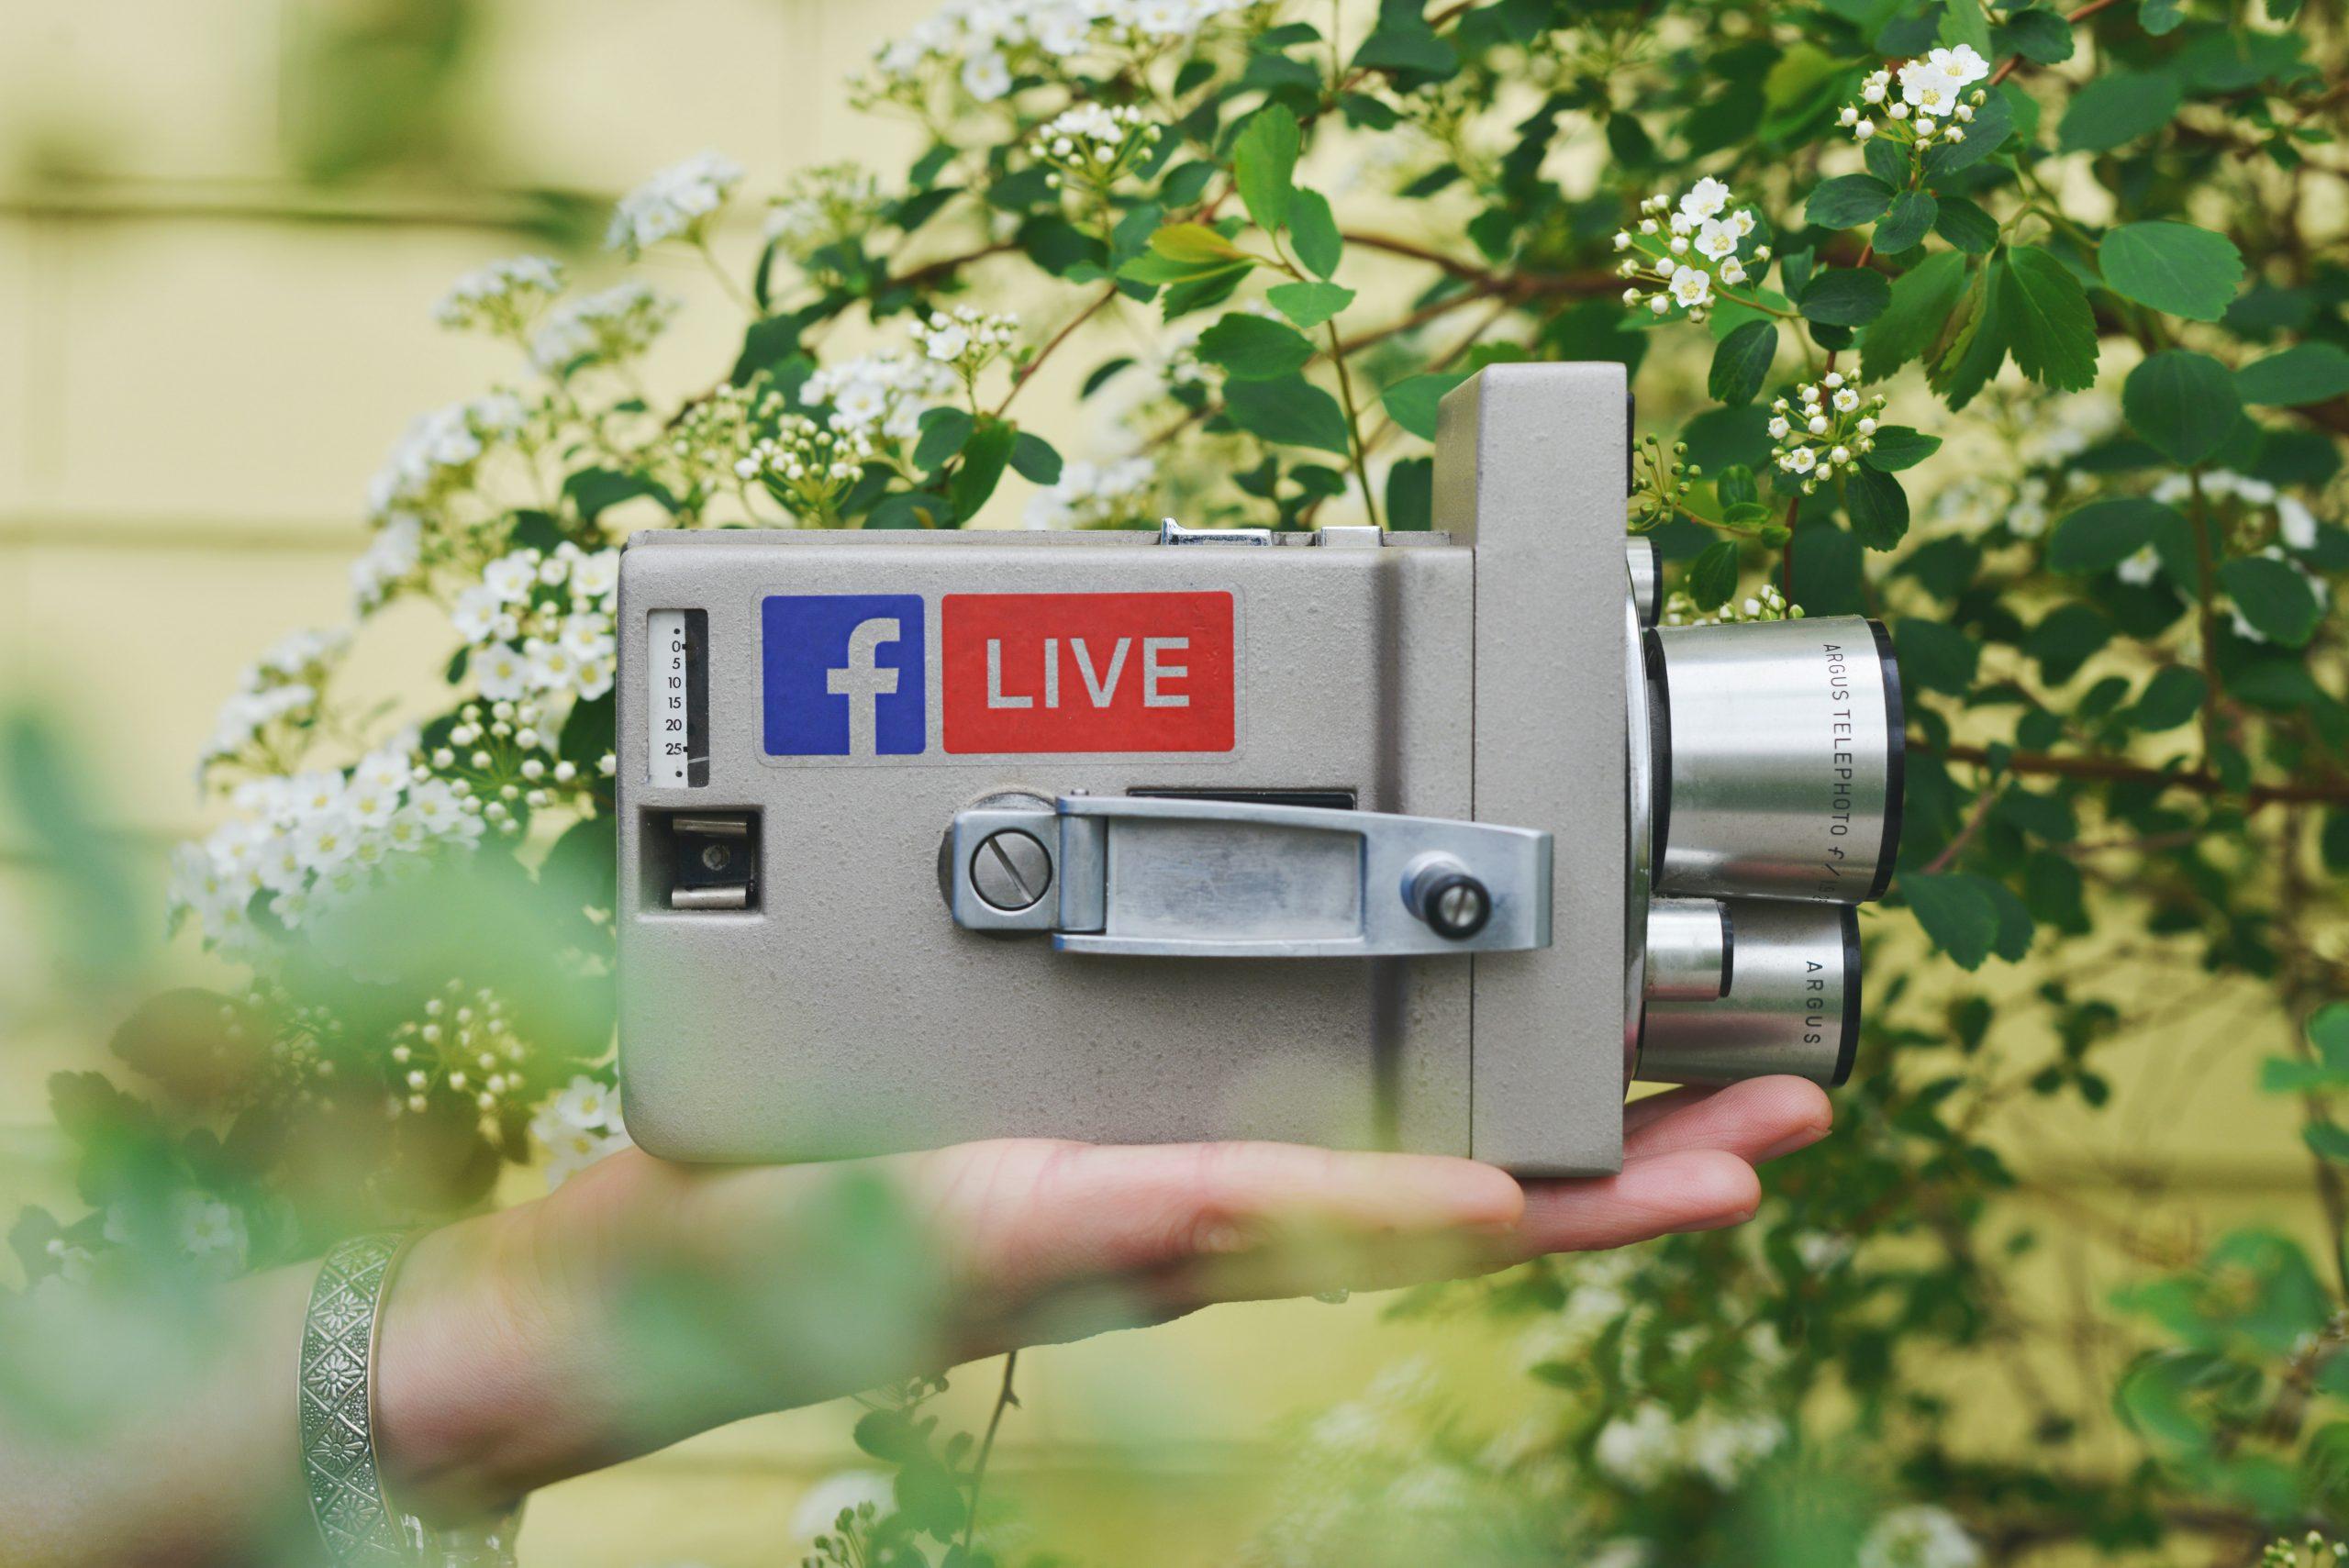 Les réseaux sociaux au secours de l'environnement